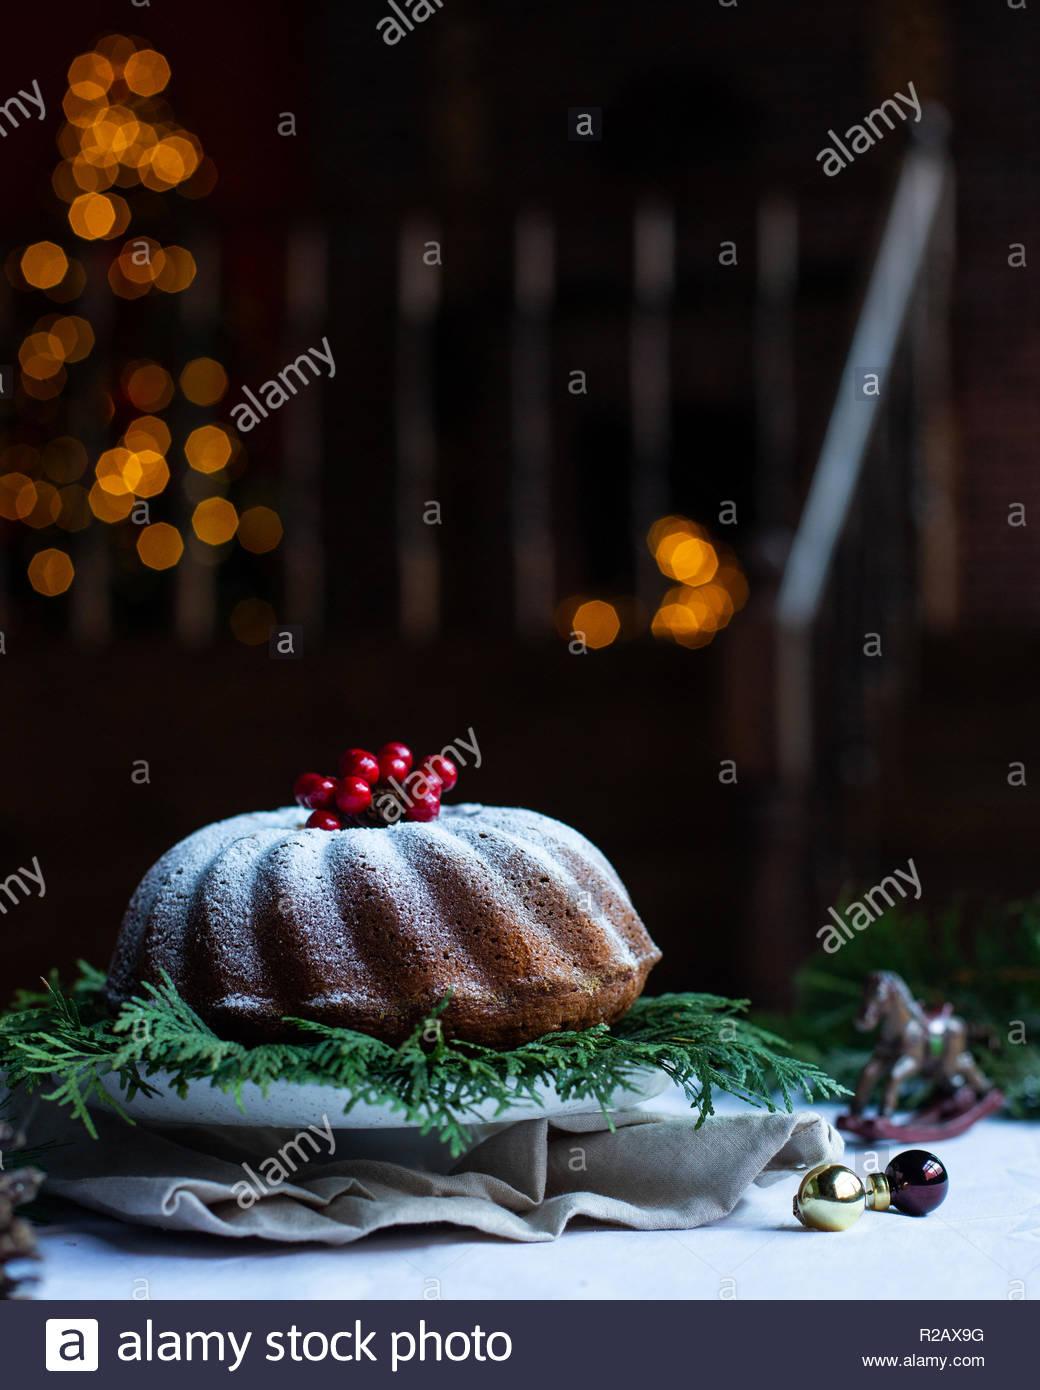 Dunkle gemütliche Zimmer mit einer Treppe und Weihnachtsschmuck. Weihnachtsbeleuchtung in Bokeh. Kamin und Weihnachtsbaum für den Hintergrund. Stockbild